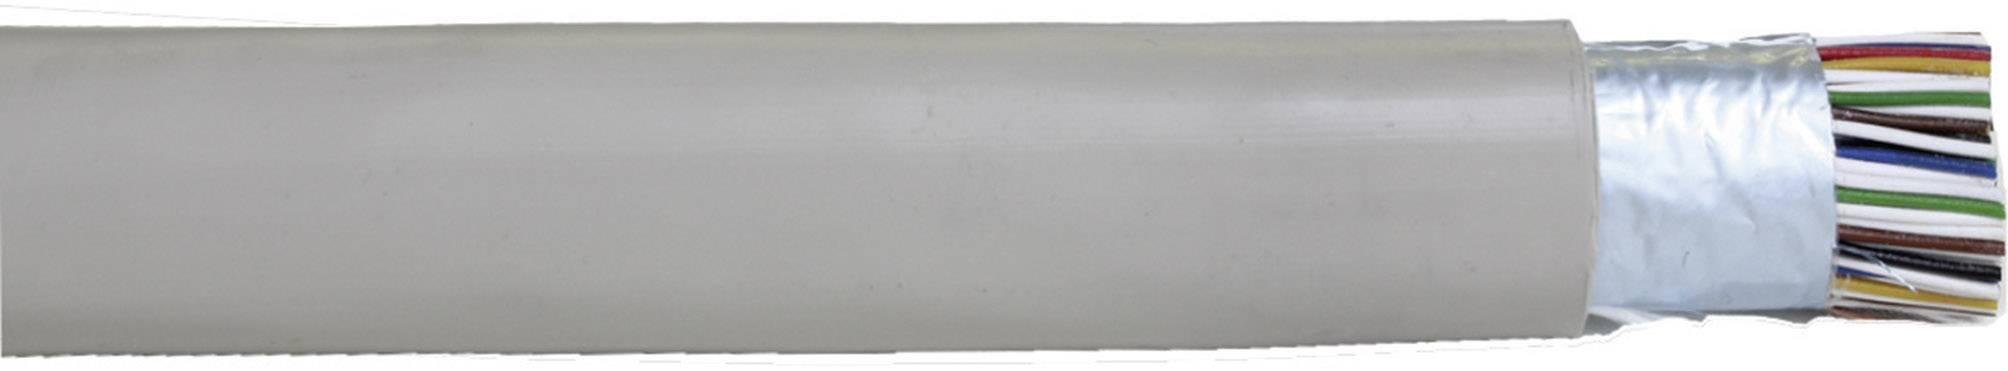 Řídicí kabel Faber Kabel J-Y(ST)Y (100008), 9 mm, stíněný, šedá, 1 m